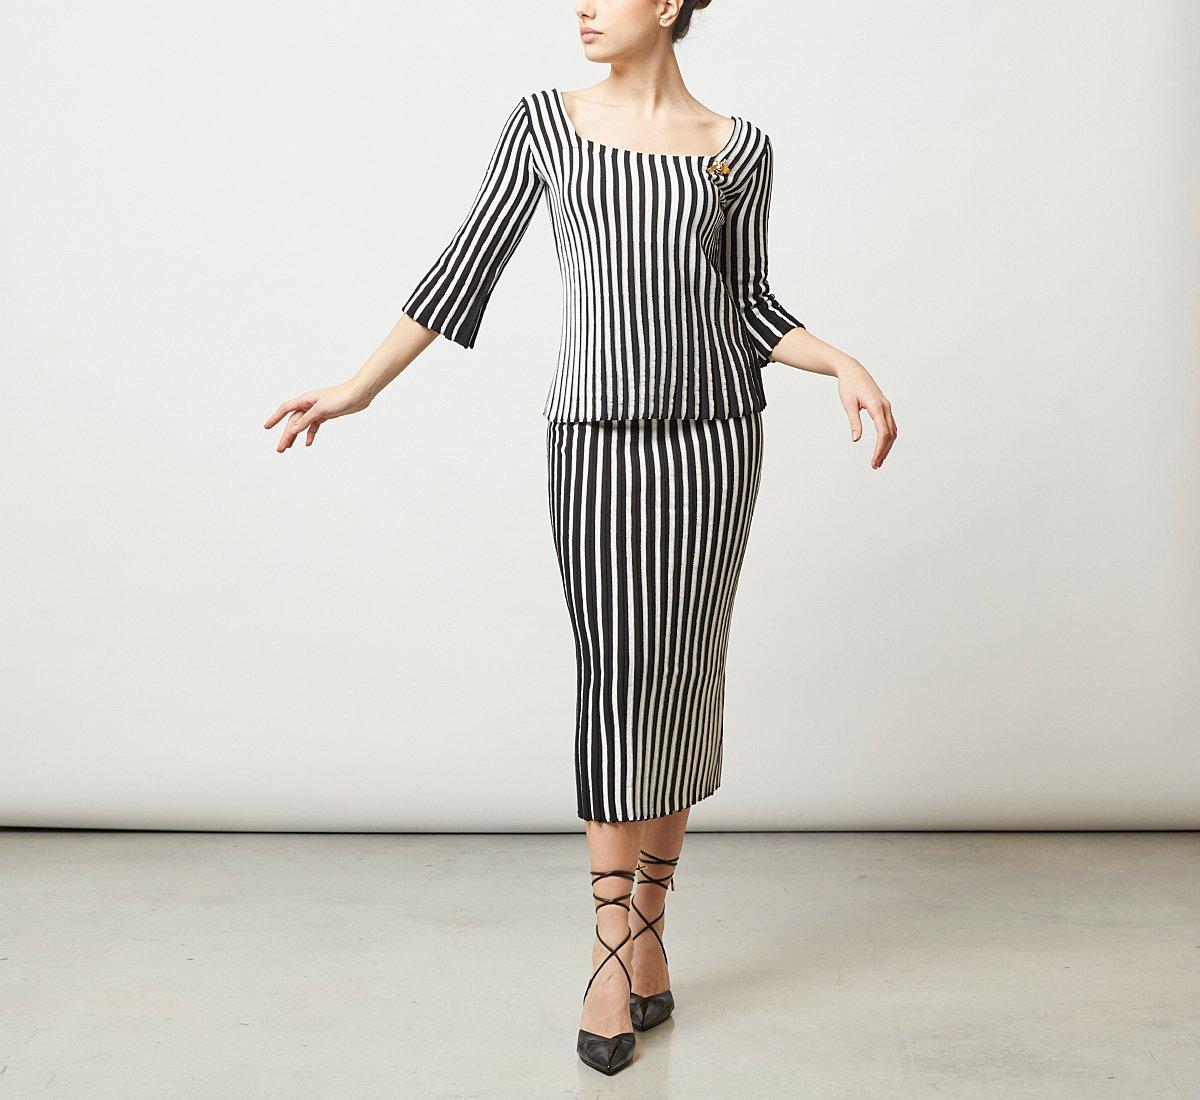 Slim-fitting knit dress